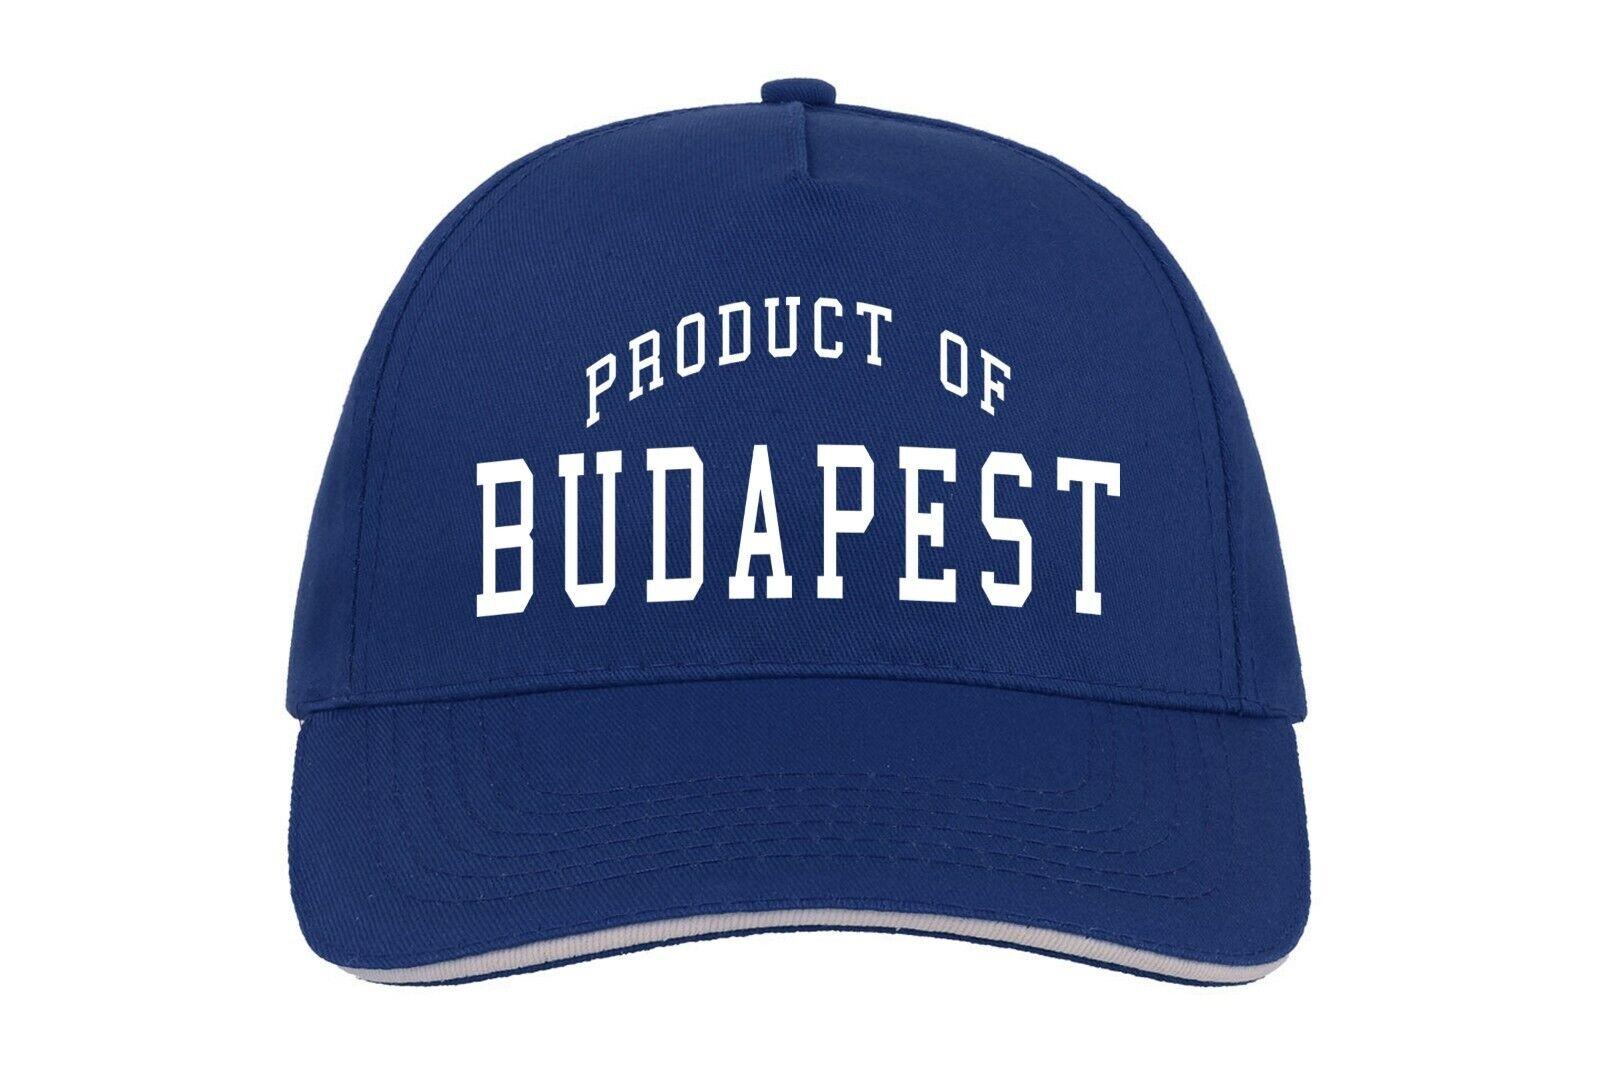 Budapest Produkt Von Baseballmütze Cap Eigener Geburtstagsgeschenk Ungarn City